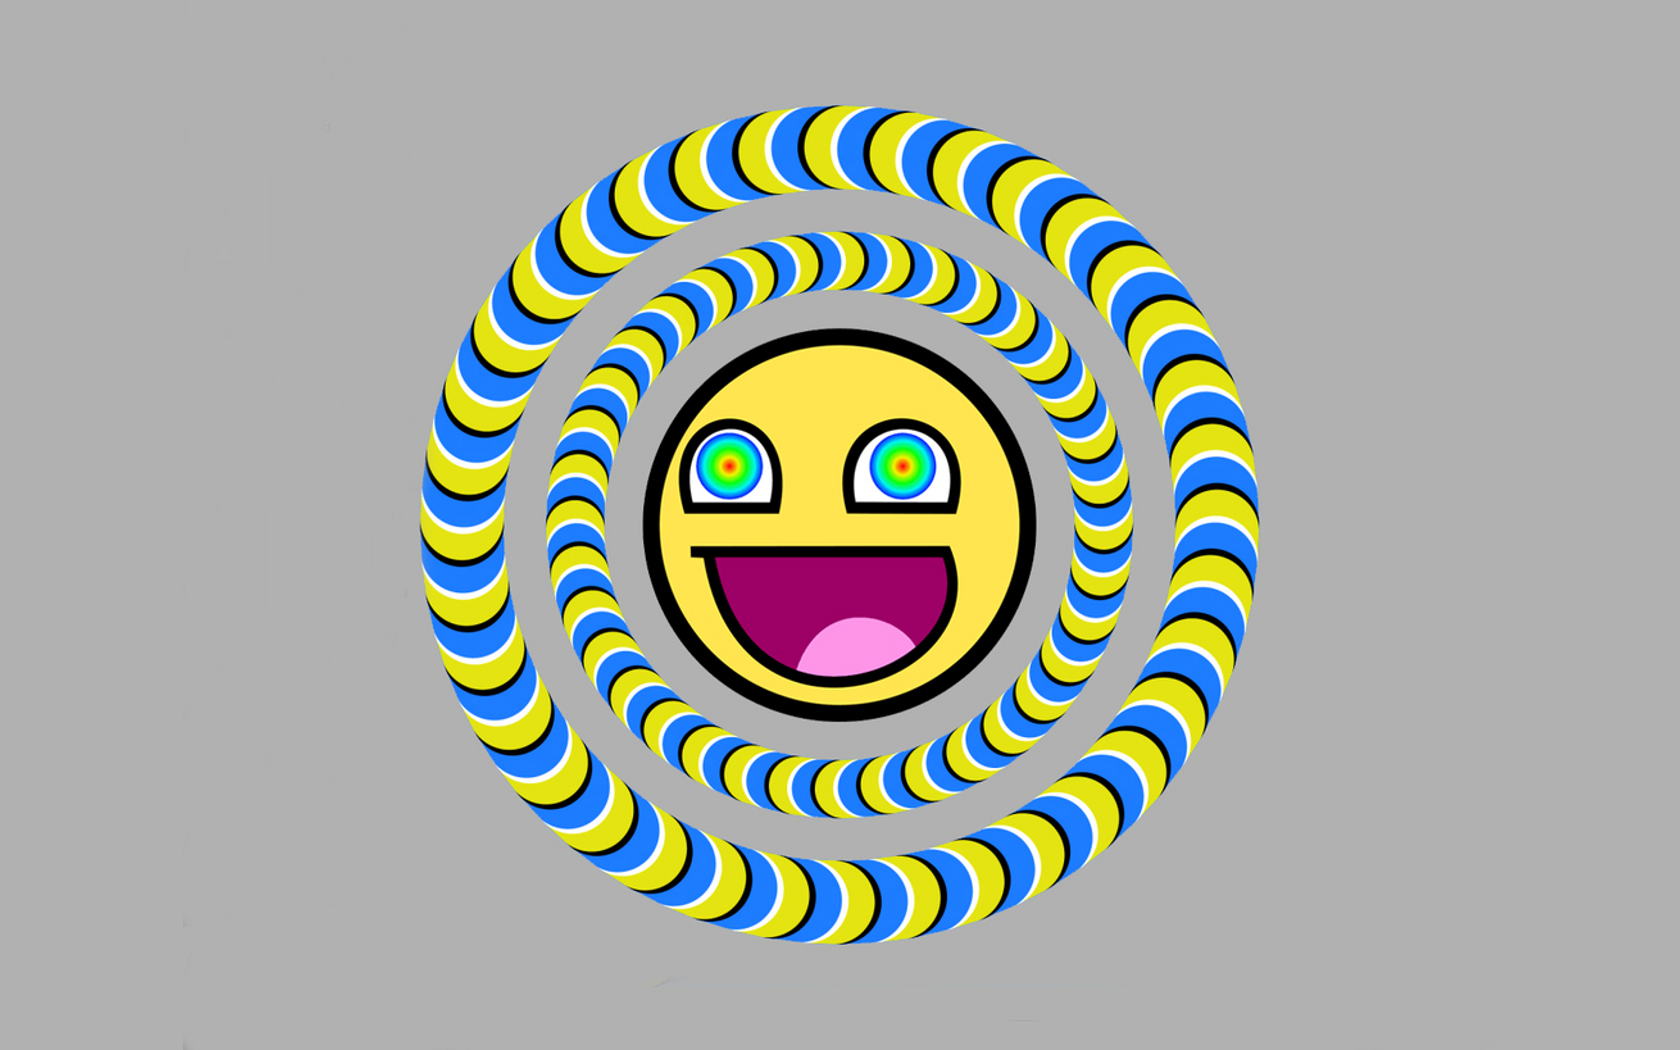 Smiley Face 1680x1050